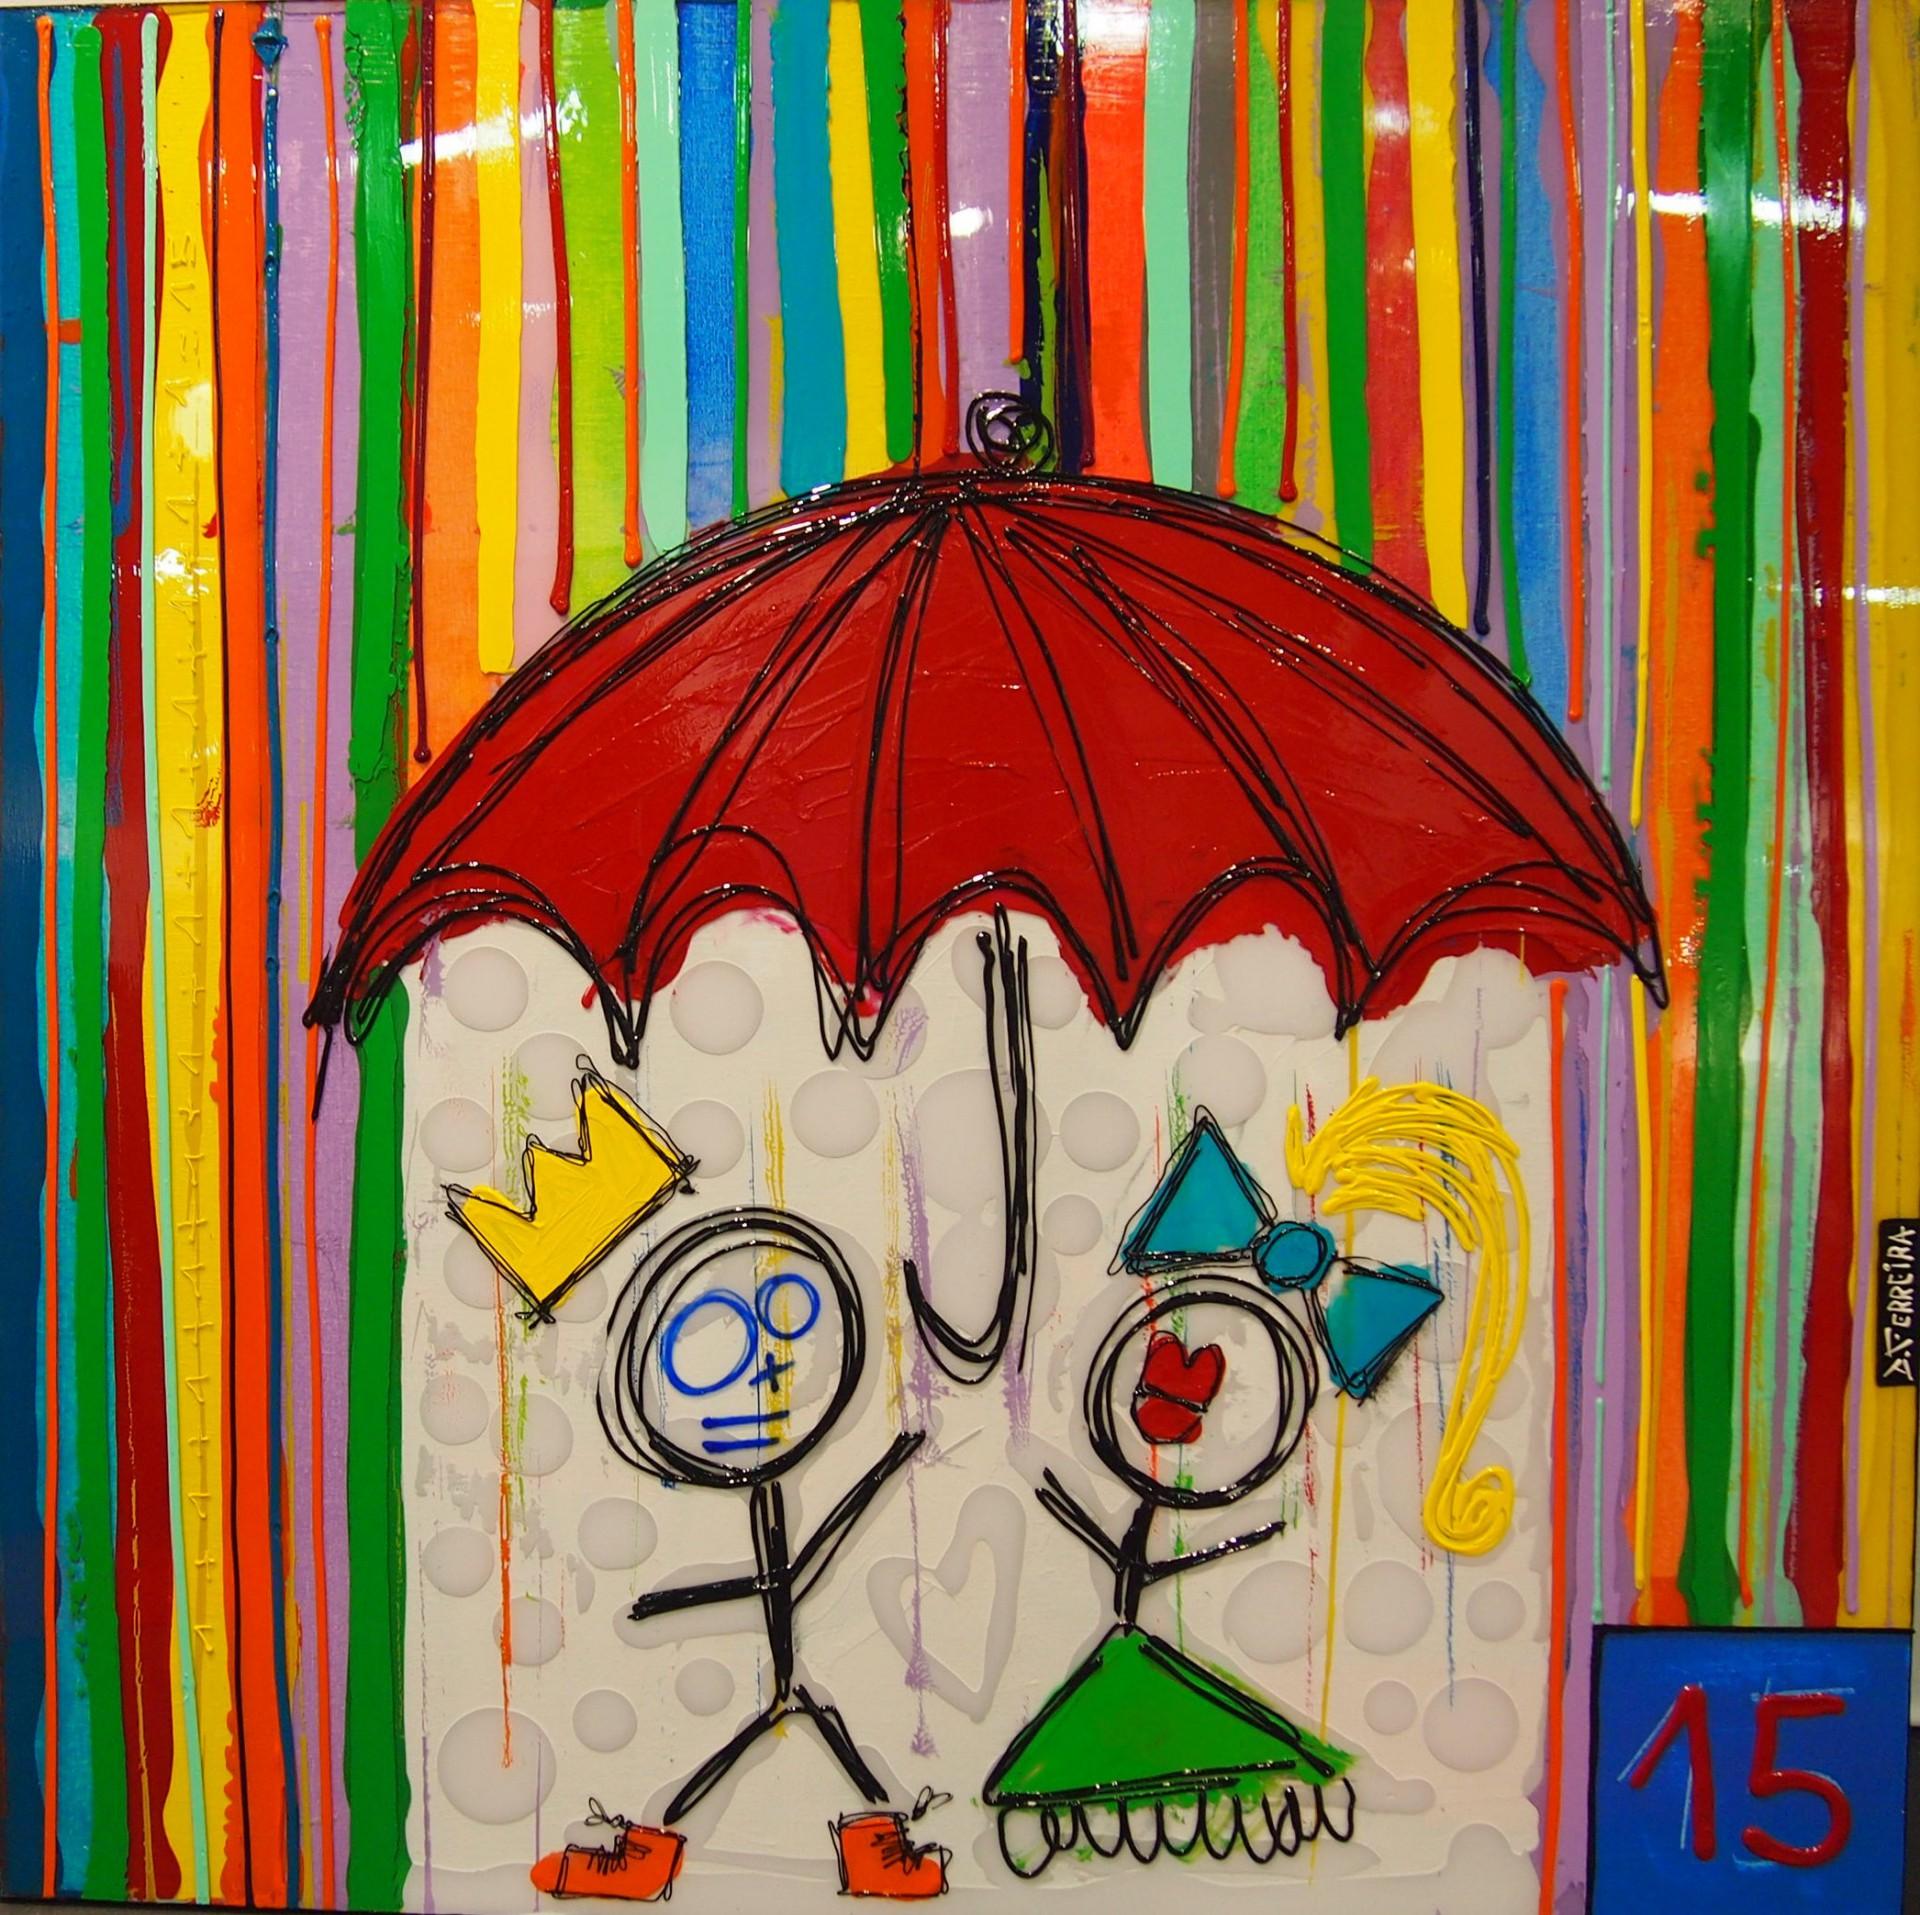 Toto et sa femme sous le parapluie